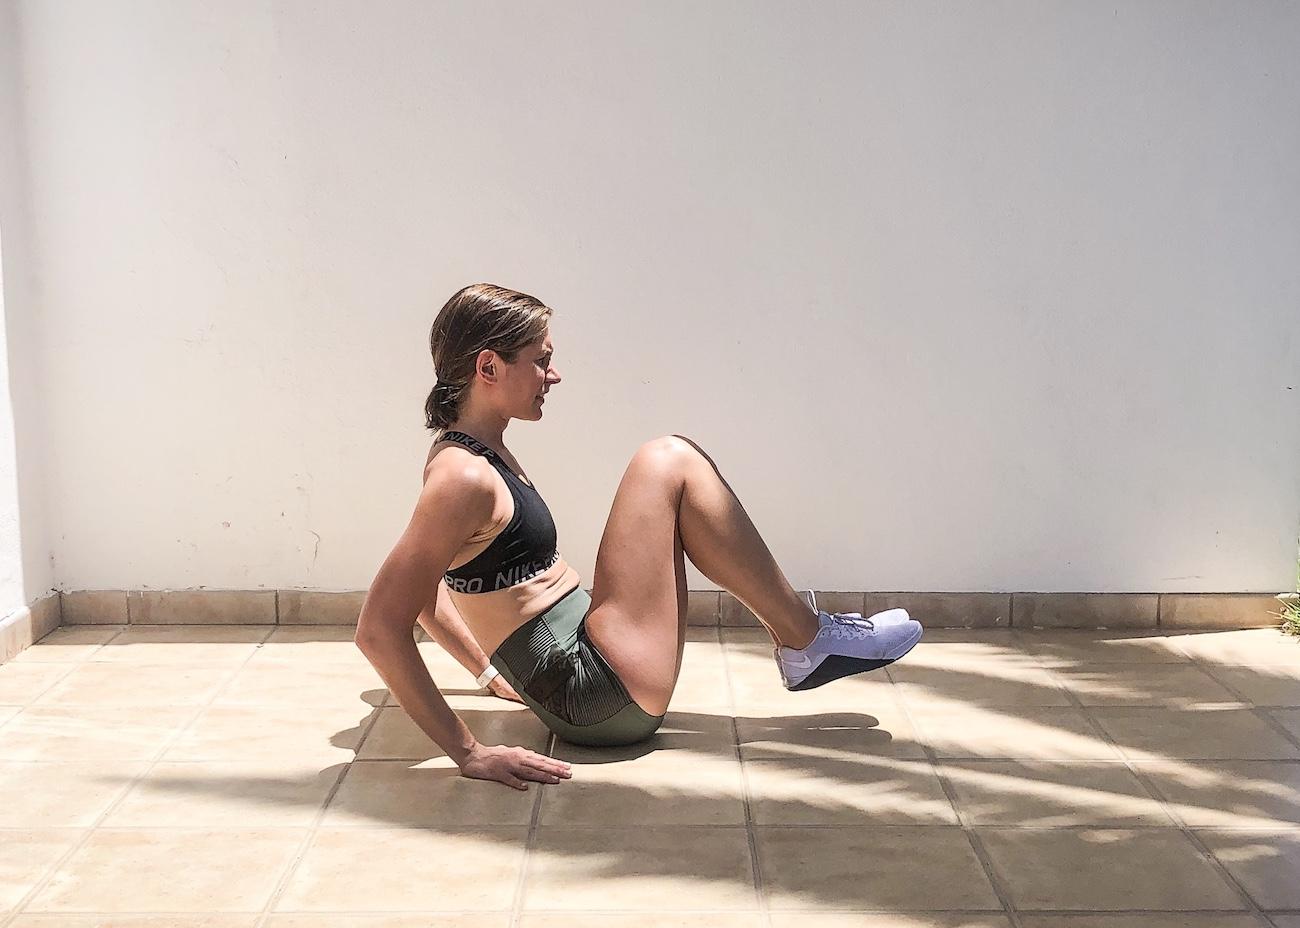 Nike Metcon 5 & Nike Pro sind für CrossFit super geeignet - Nutze für CrossFit Training Zuhause auch ihre NTC App